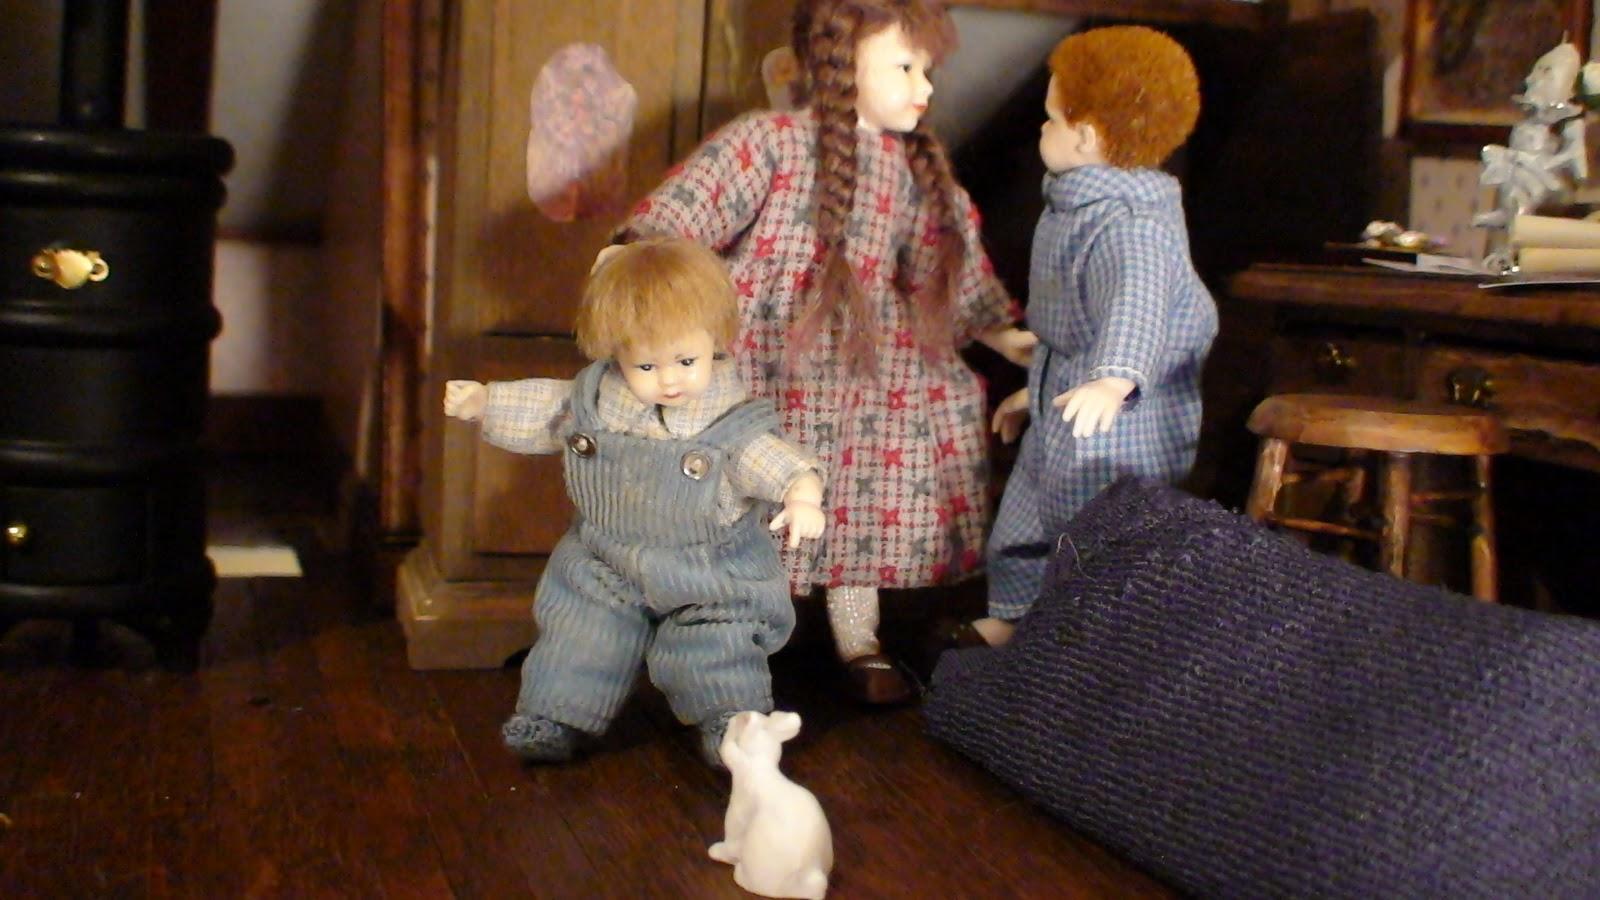 Lucy traviesa de buenos aires sigue buscando amigos - 3 part 1